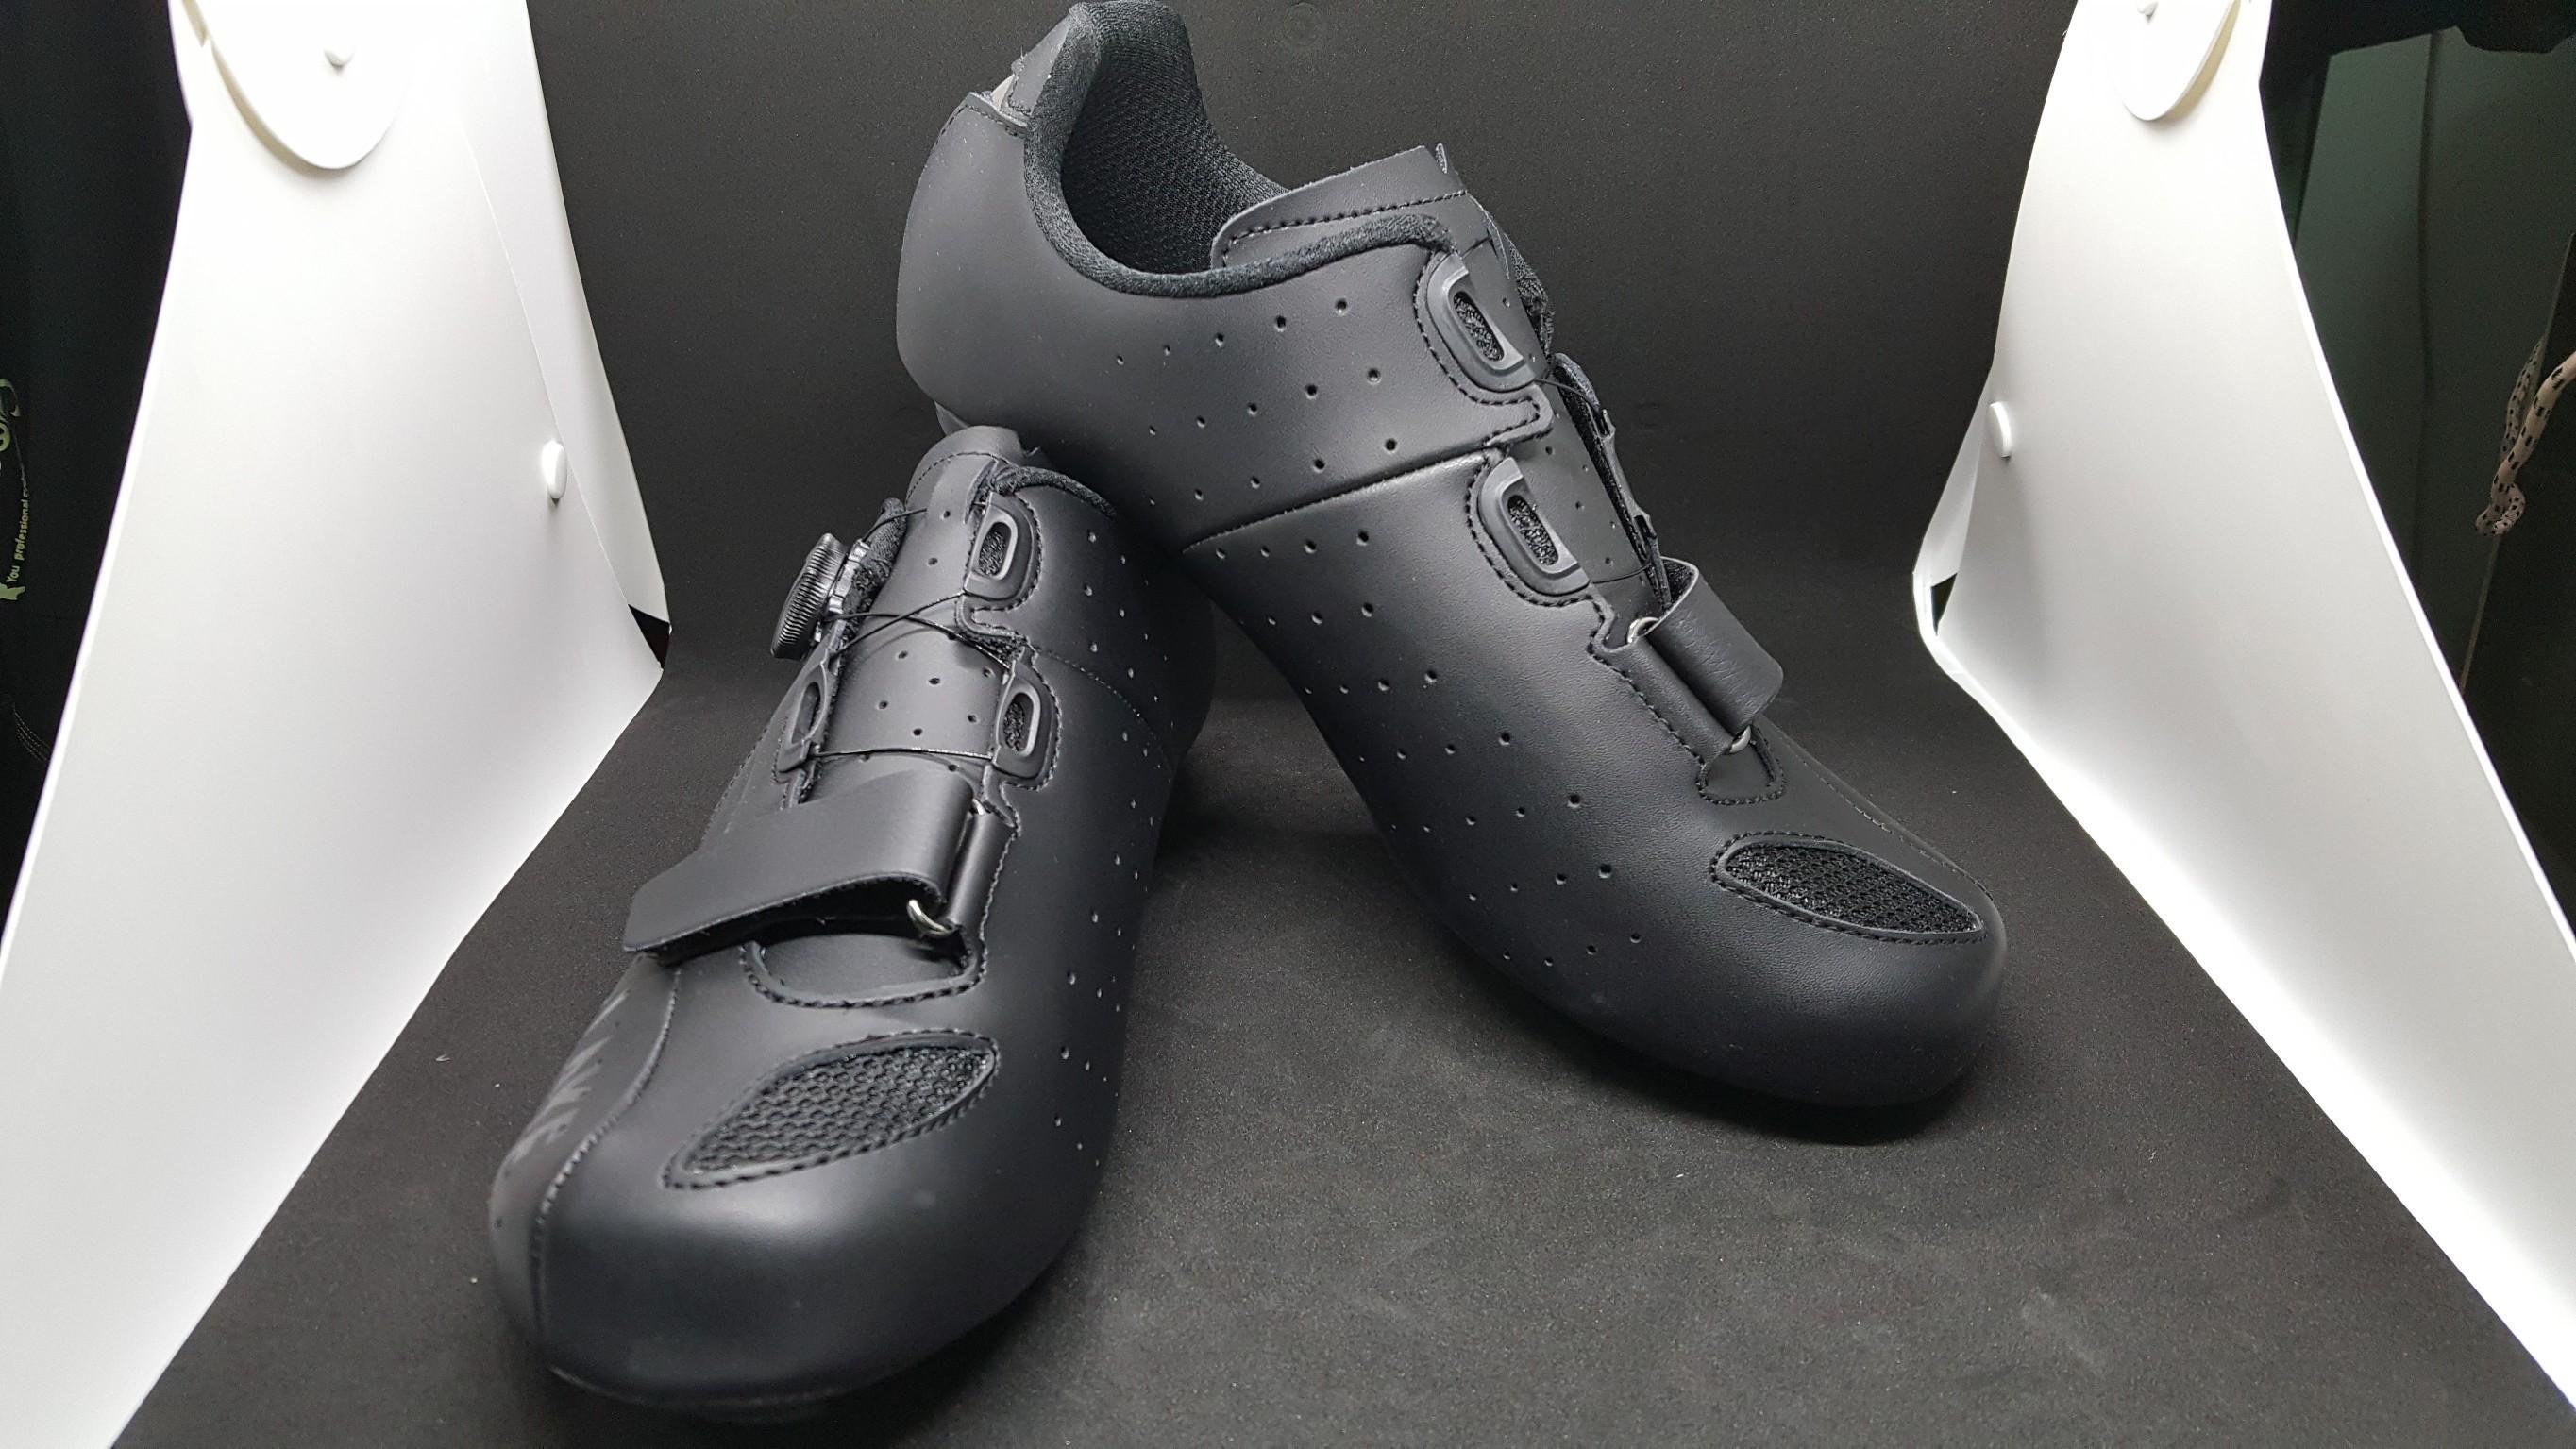 รองเท้าเสือหมอบหน้ากว้าง Lake รุ่น CX176-X วัสดุ Actoin leather สีดำล้วน พื้นไนล่อน ลูกบิด BOA มีไซส์ 40 41 42 43 44 45